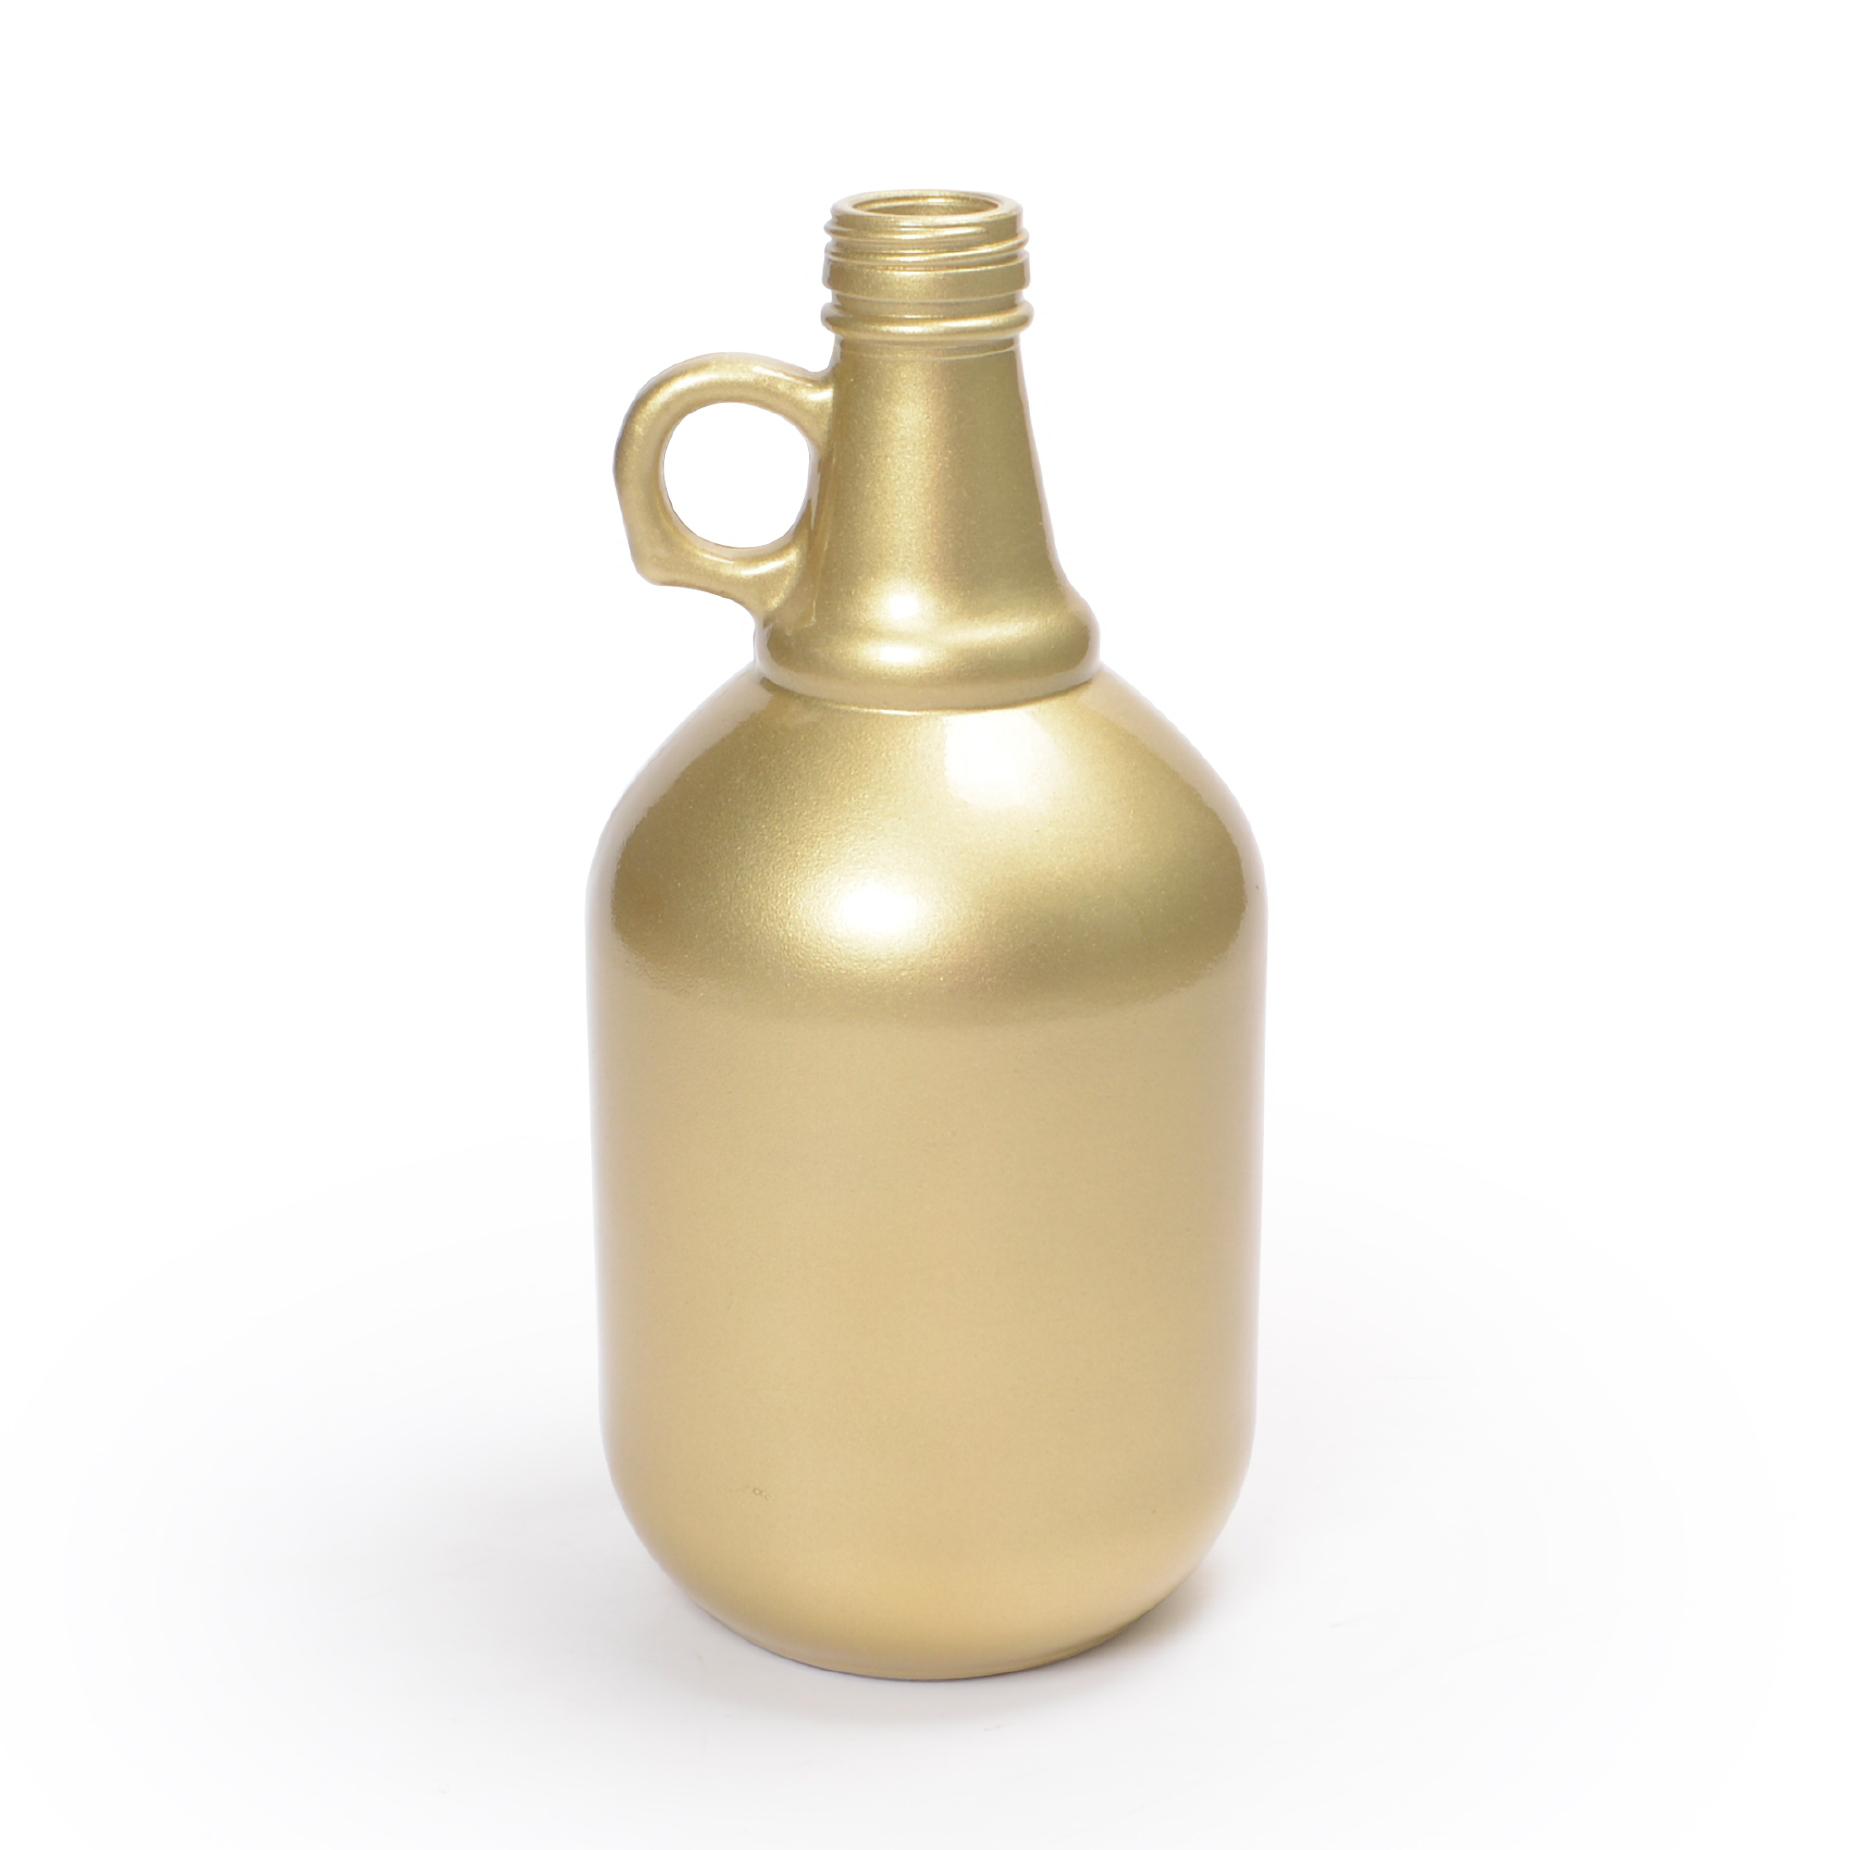 Vaso de vidro modelo Garrafão